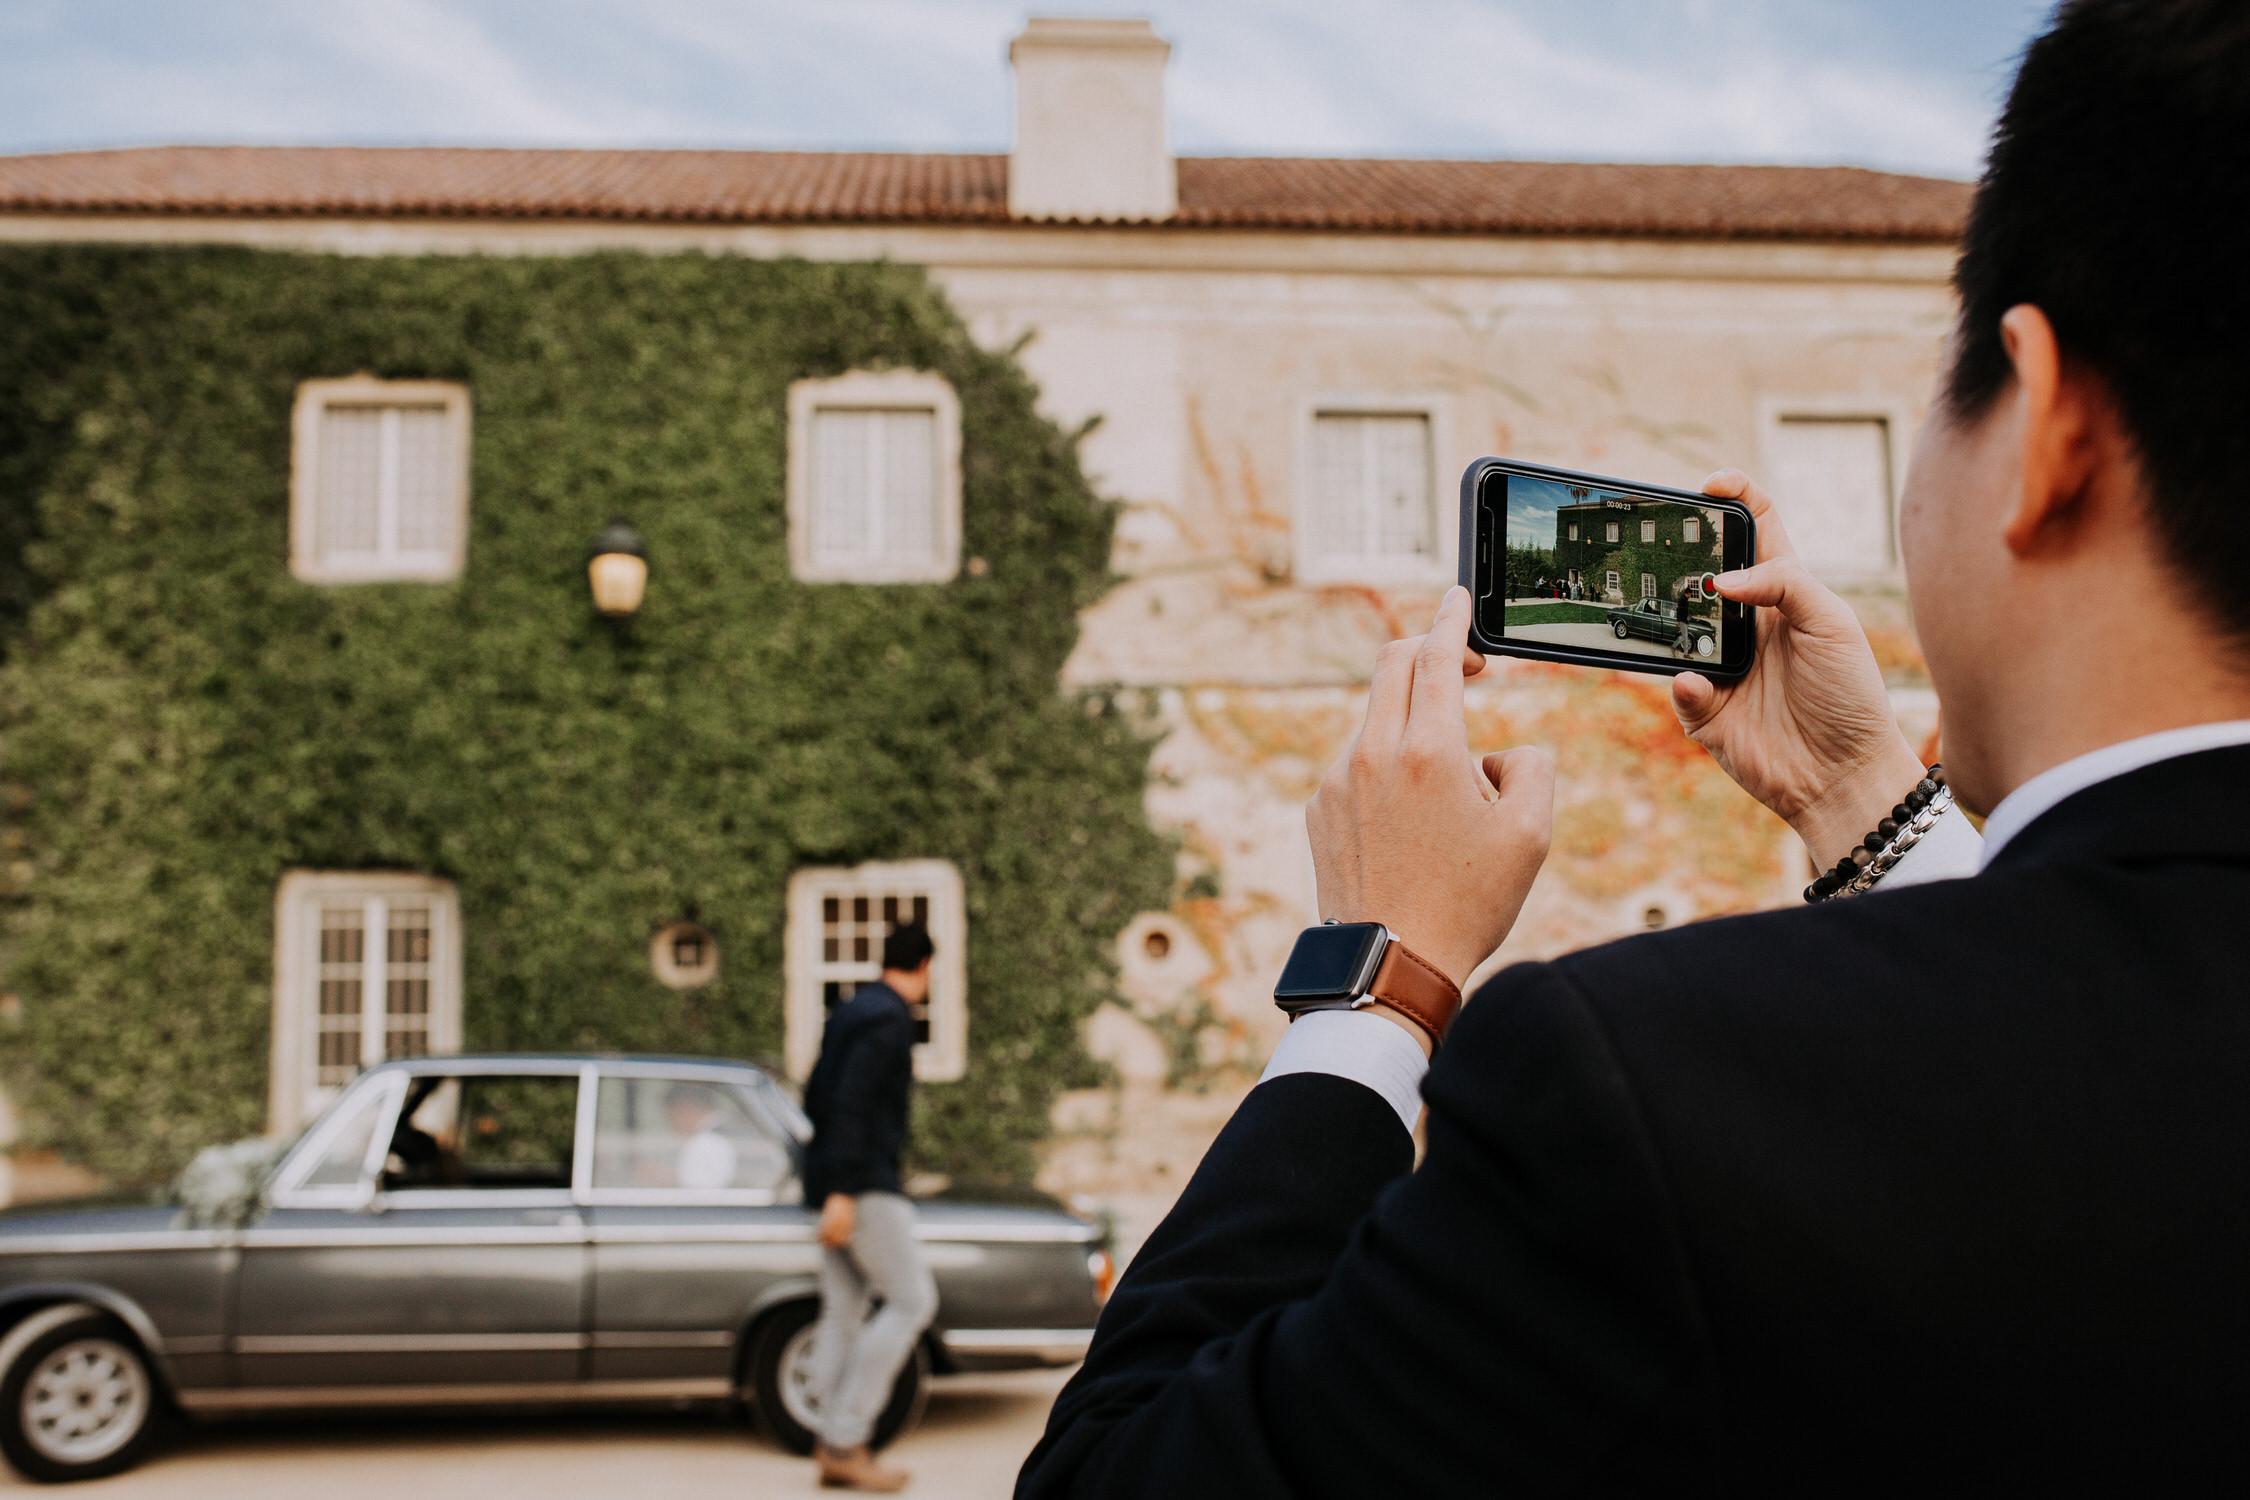 075 Filipe Santiago Fotografia Casamento wedding photographer near venue Lisbon Malveira Ericeira best Sintra Portugal destination solar de pancas alenquer